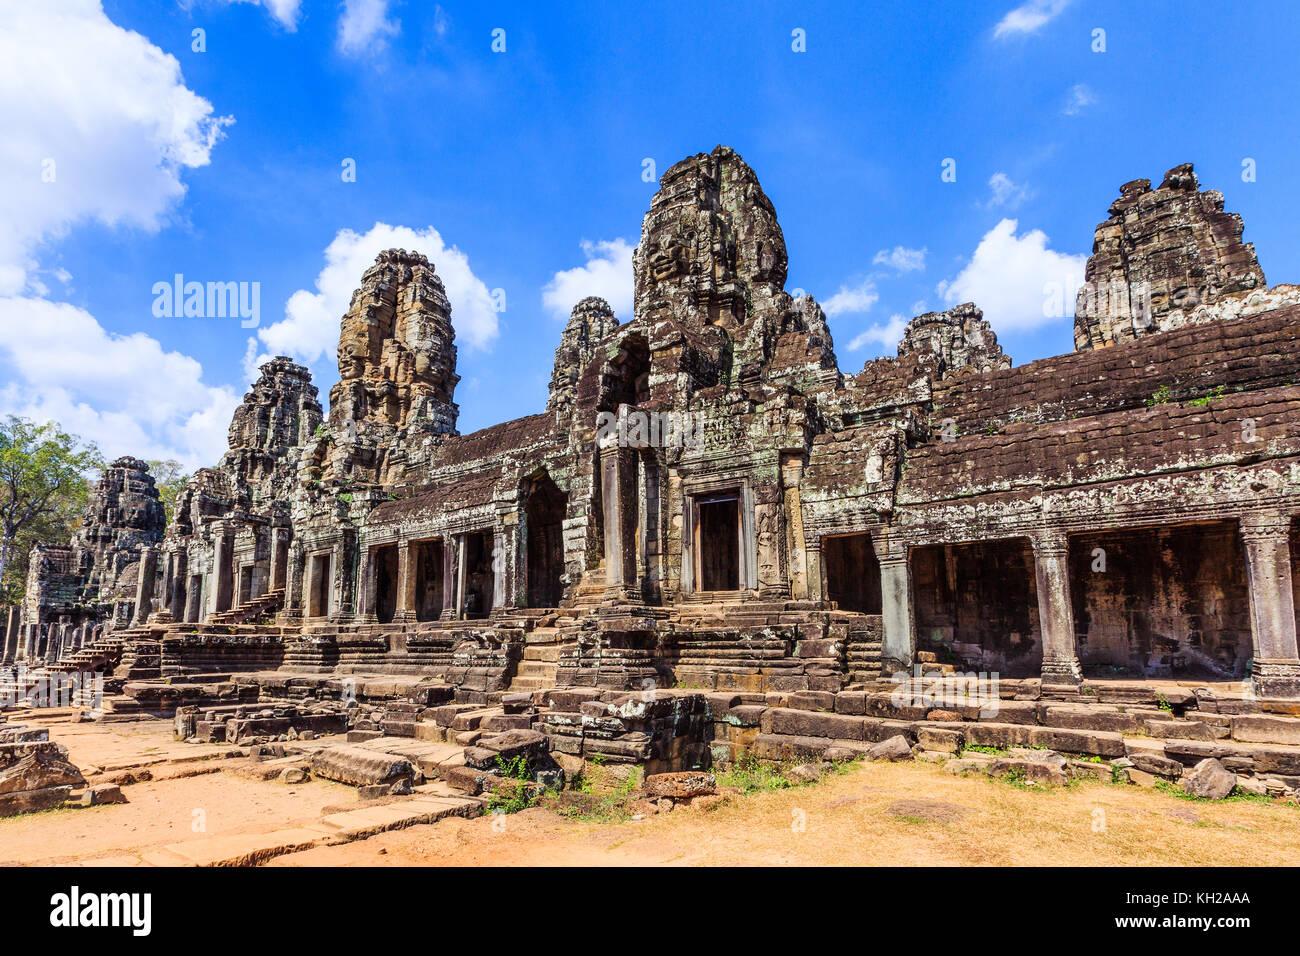 Angkor, Cambogia. la galleria interna del tempio Bayon. Immagini Stock